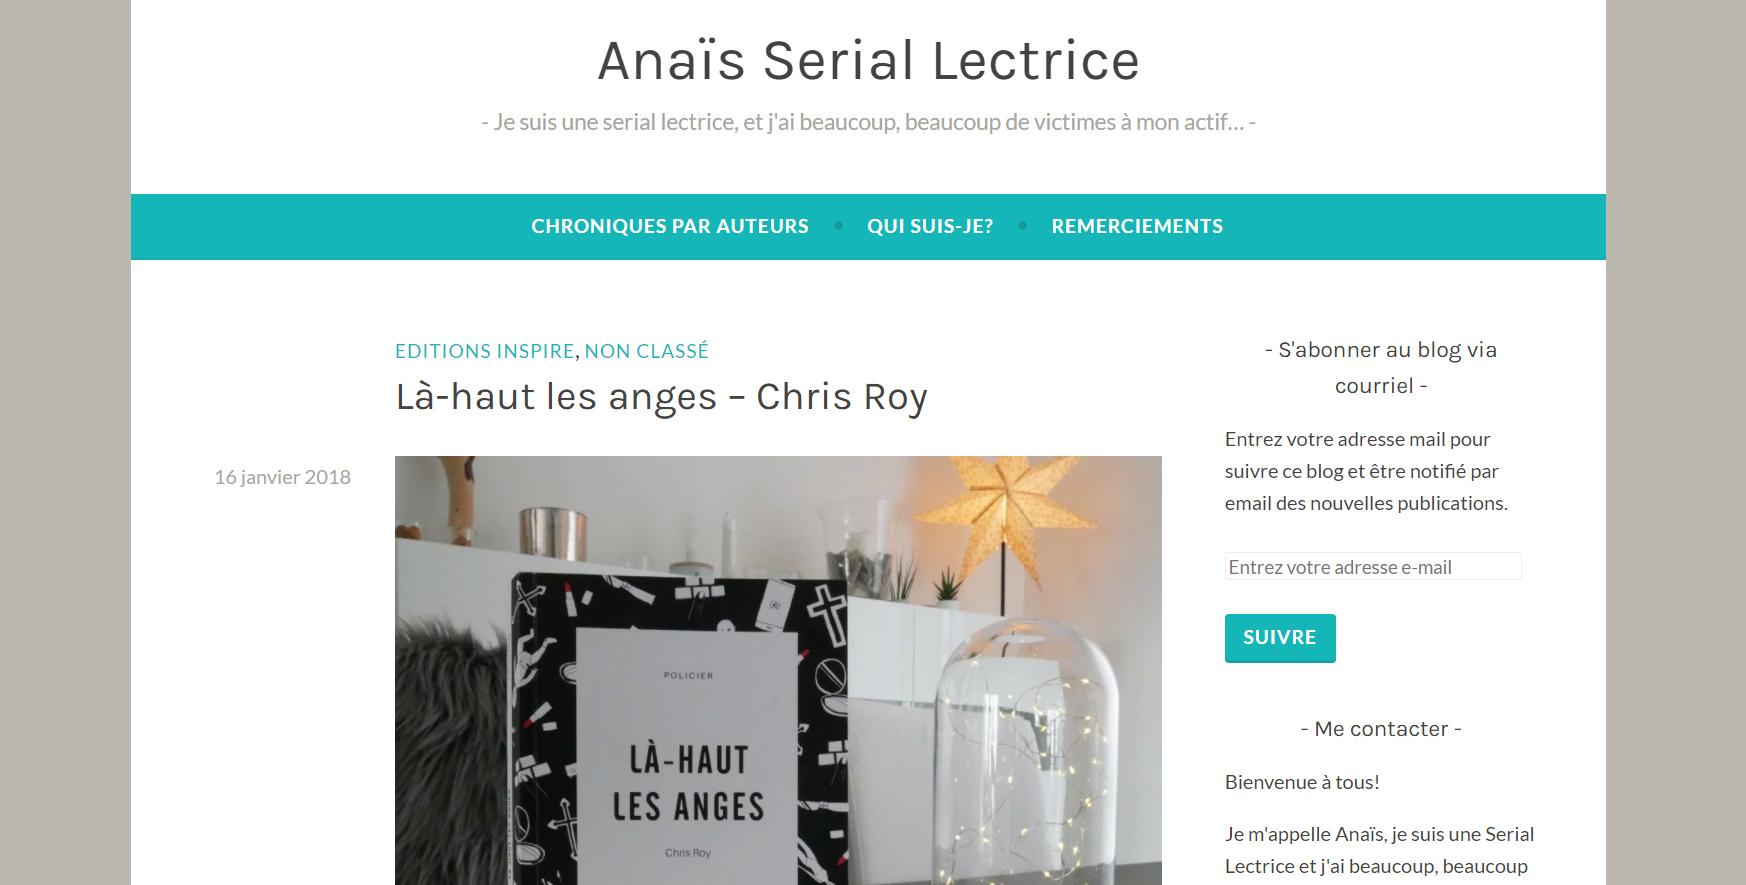 Anaïs Serial Lectrice : Là-haut les anges, Chris Roy